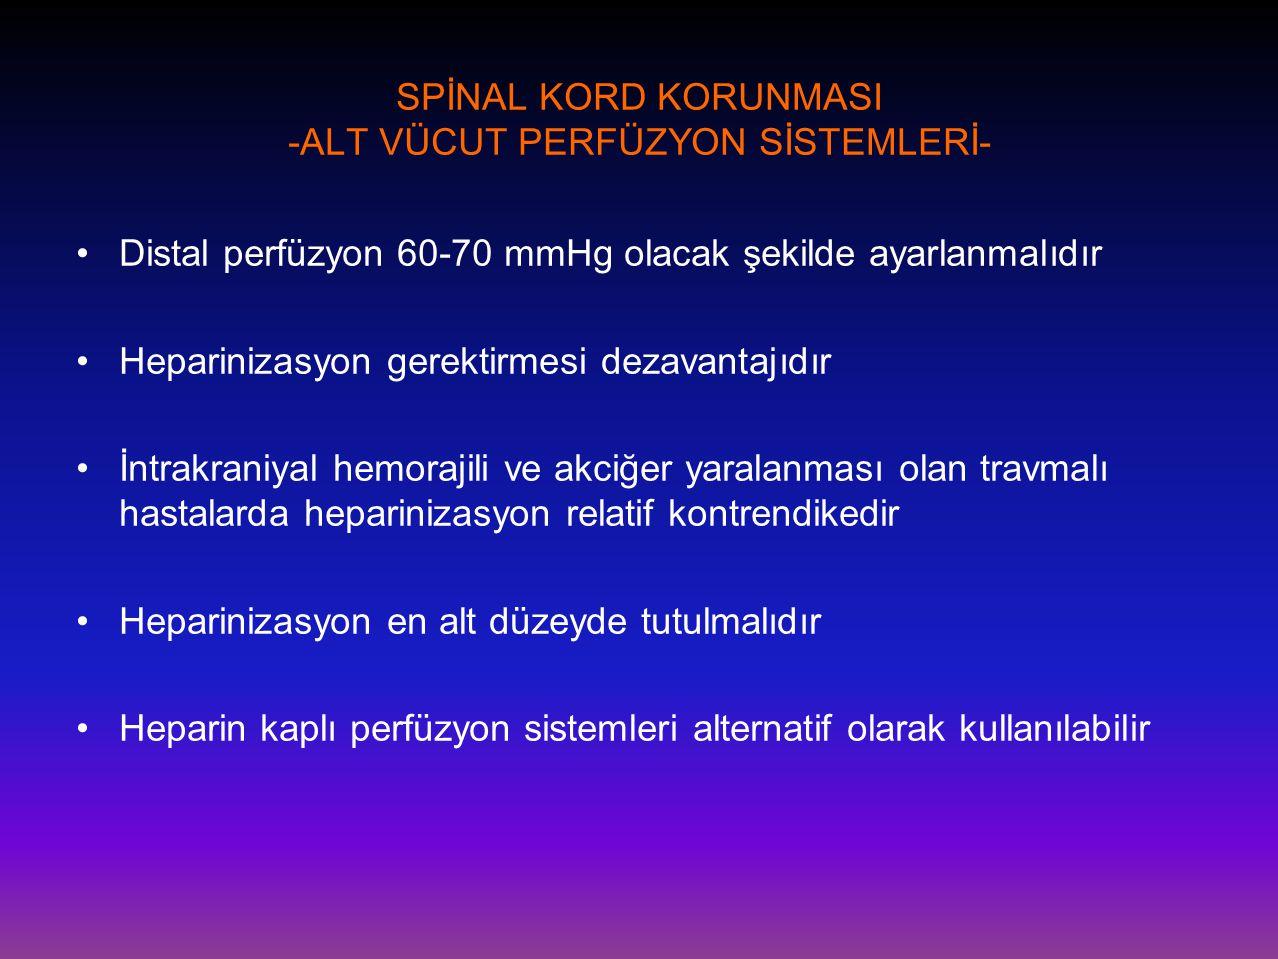 SPİNAL KORD KORUNMASI -ALT VÜCUT PERFÜZYON SİSTEMLERİ-